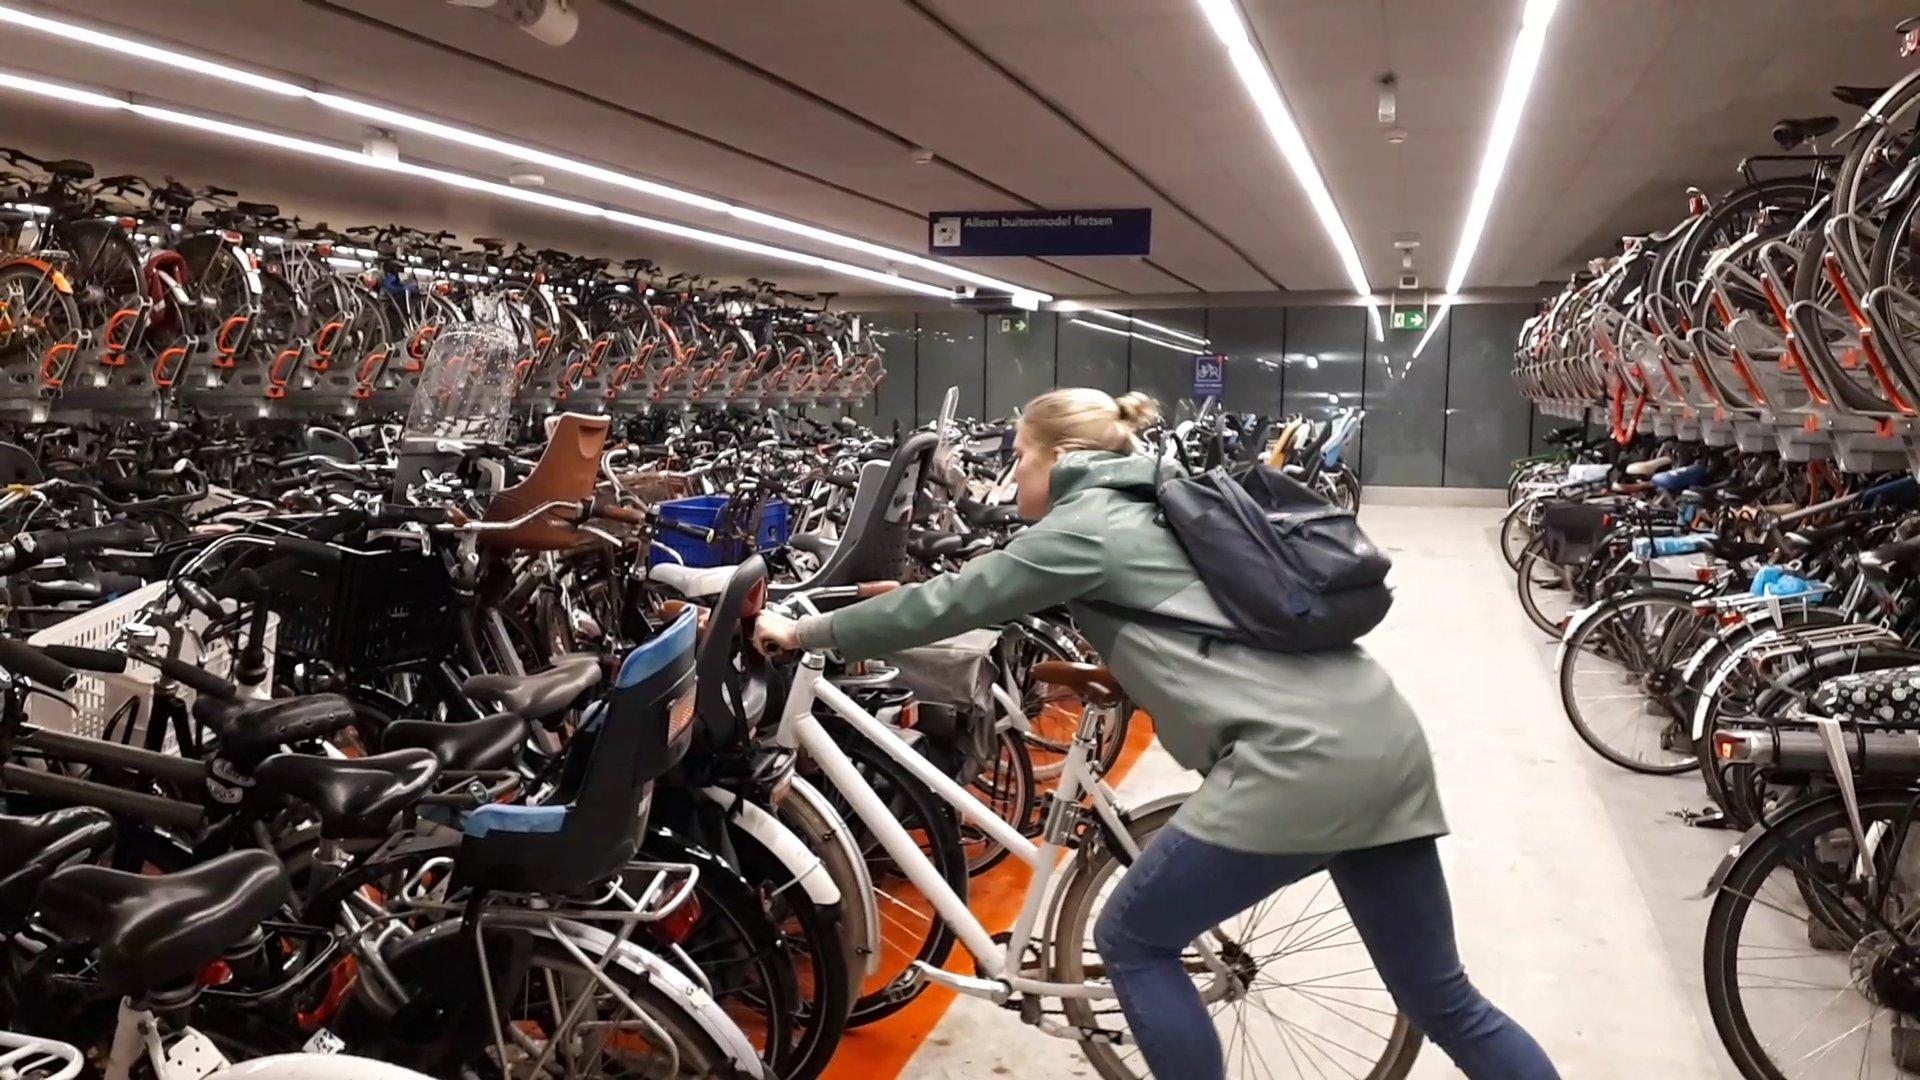 fietsenstalling struggles